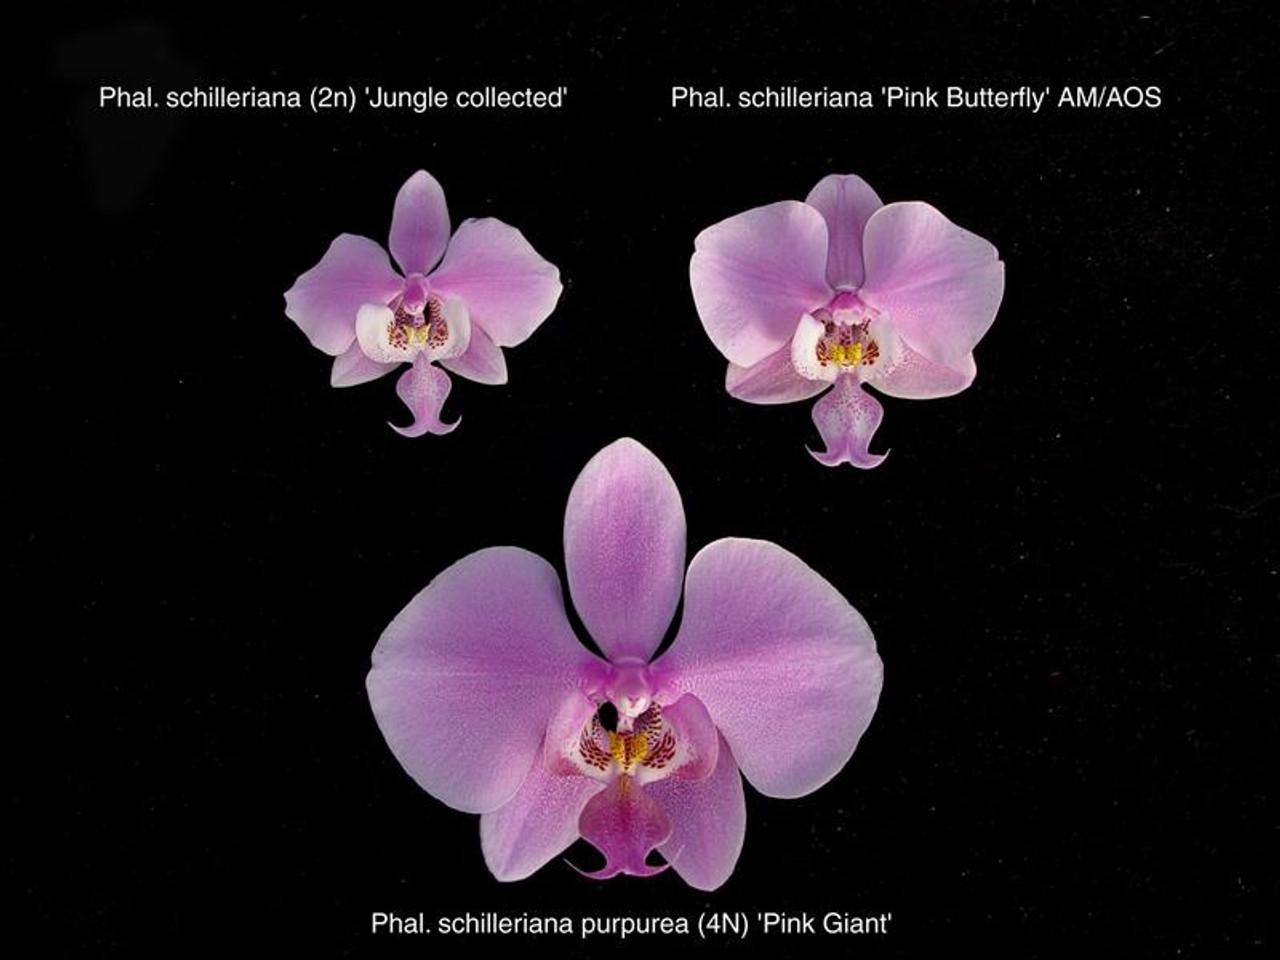 Phal. schilleriana var. purpurea (3N) ('Pink Giant' 4N x 'Pink Butterfly' AM/AOS)